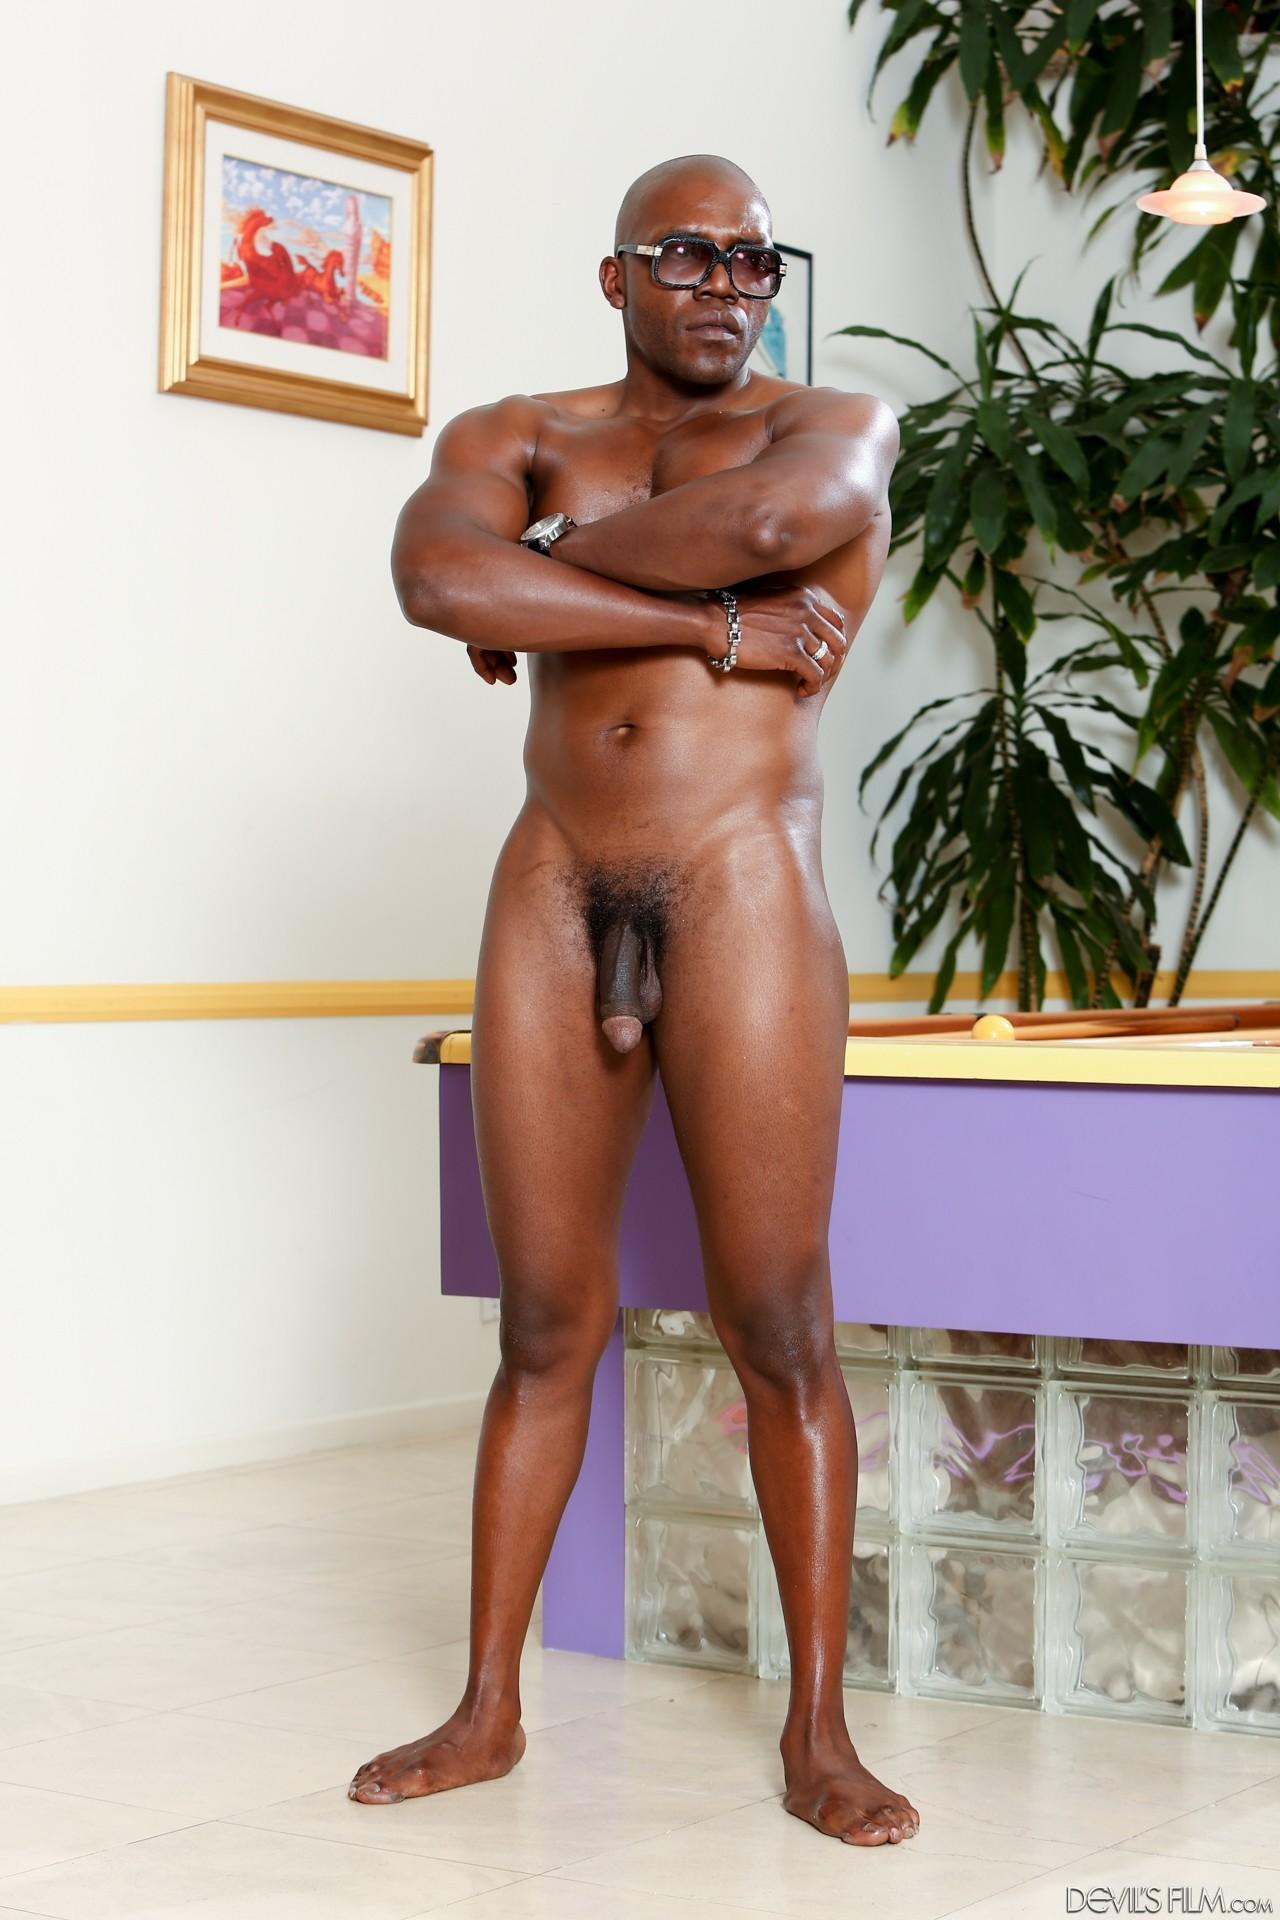 Blacked 2 big black dicks for rich girl emily kae - 2 part 5